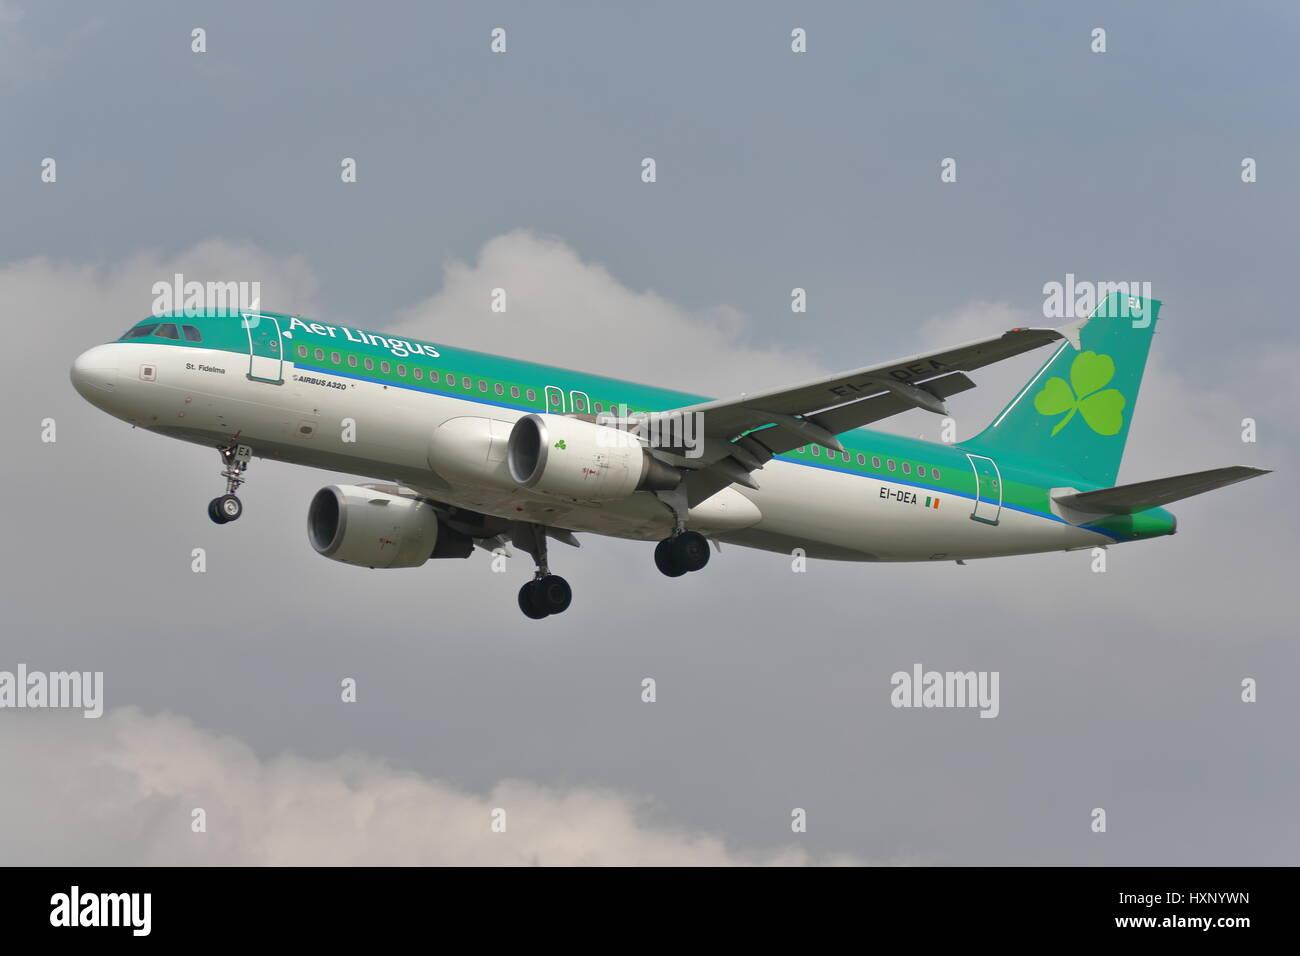 Aer Lingus Airbus A320 ei-dea atterraggio all'aeroporto Heathrow di Londra, Regno Unito Immagini Stock